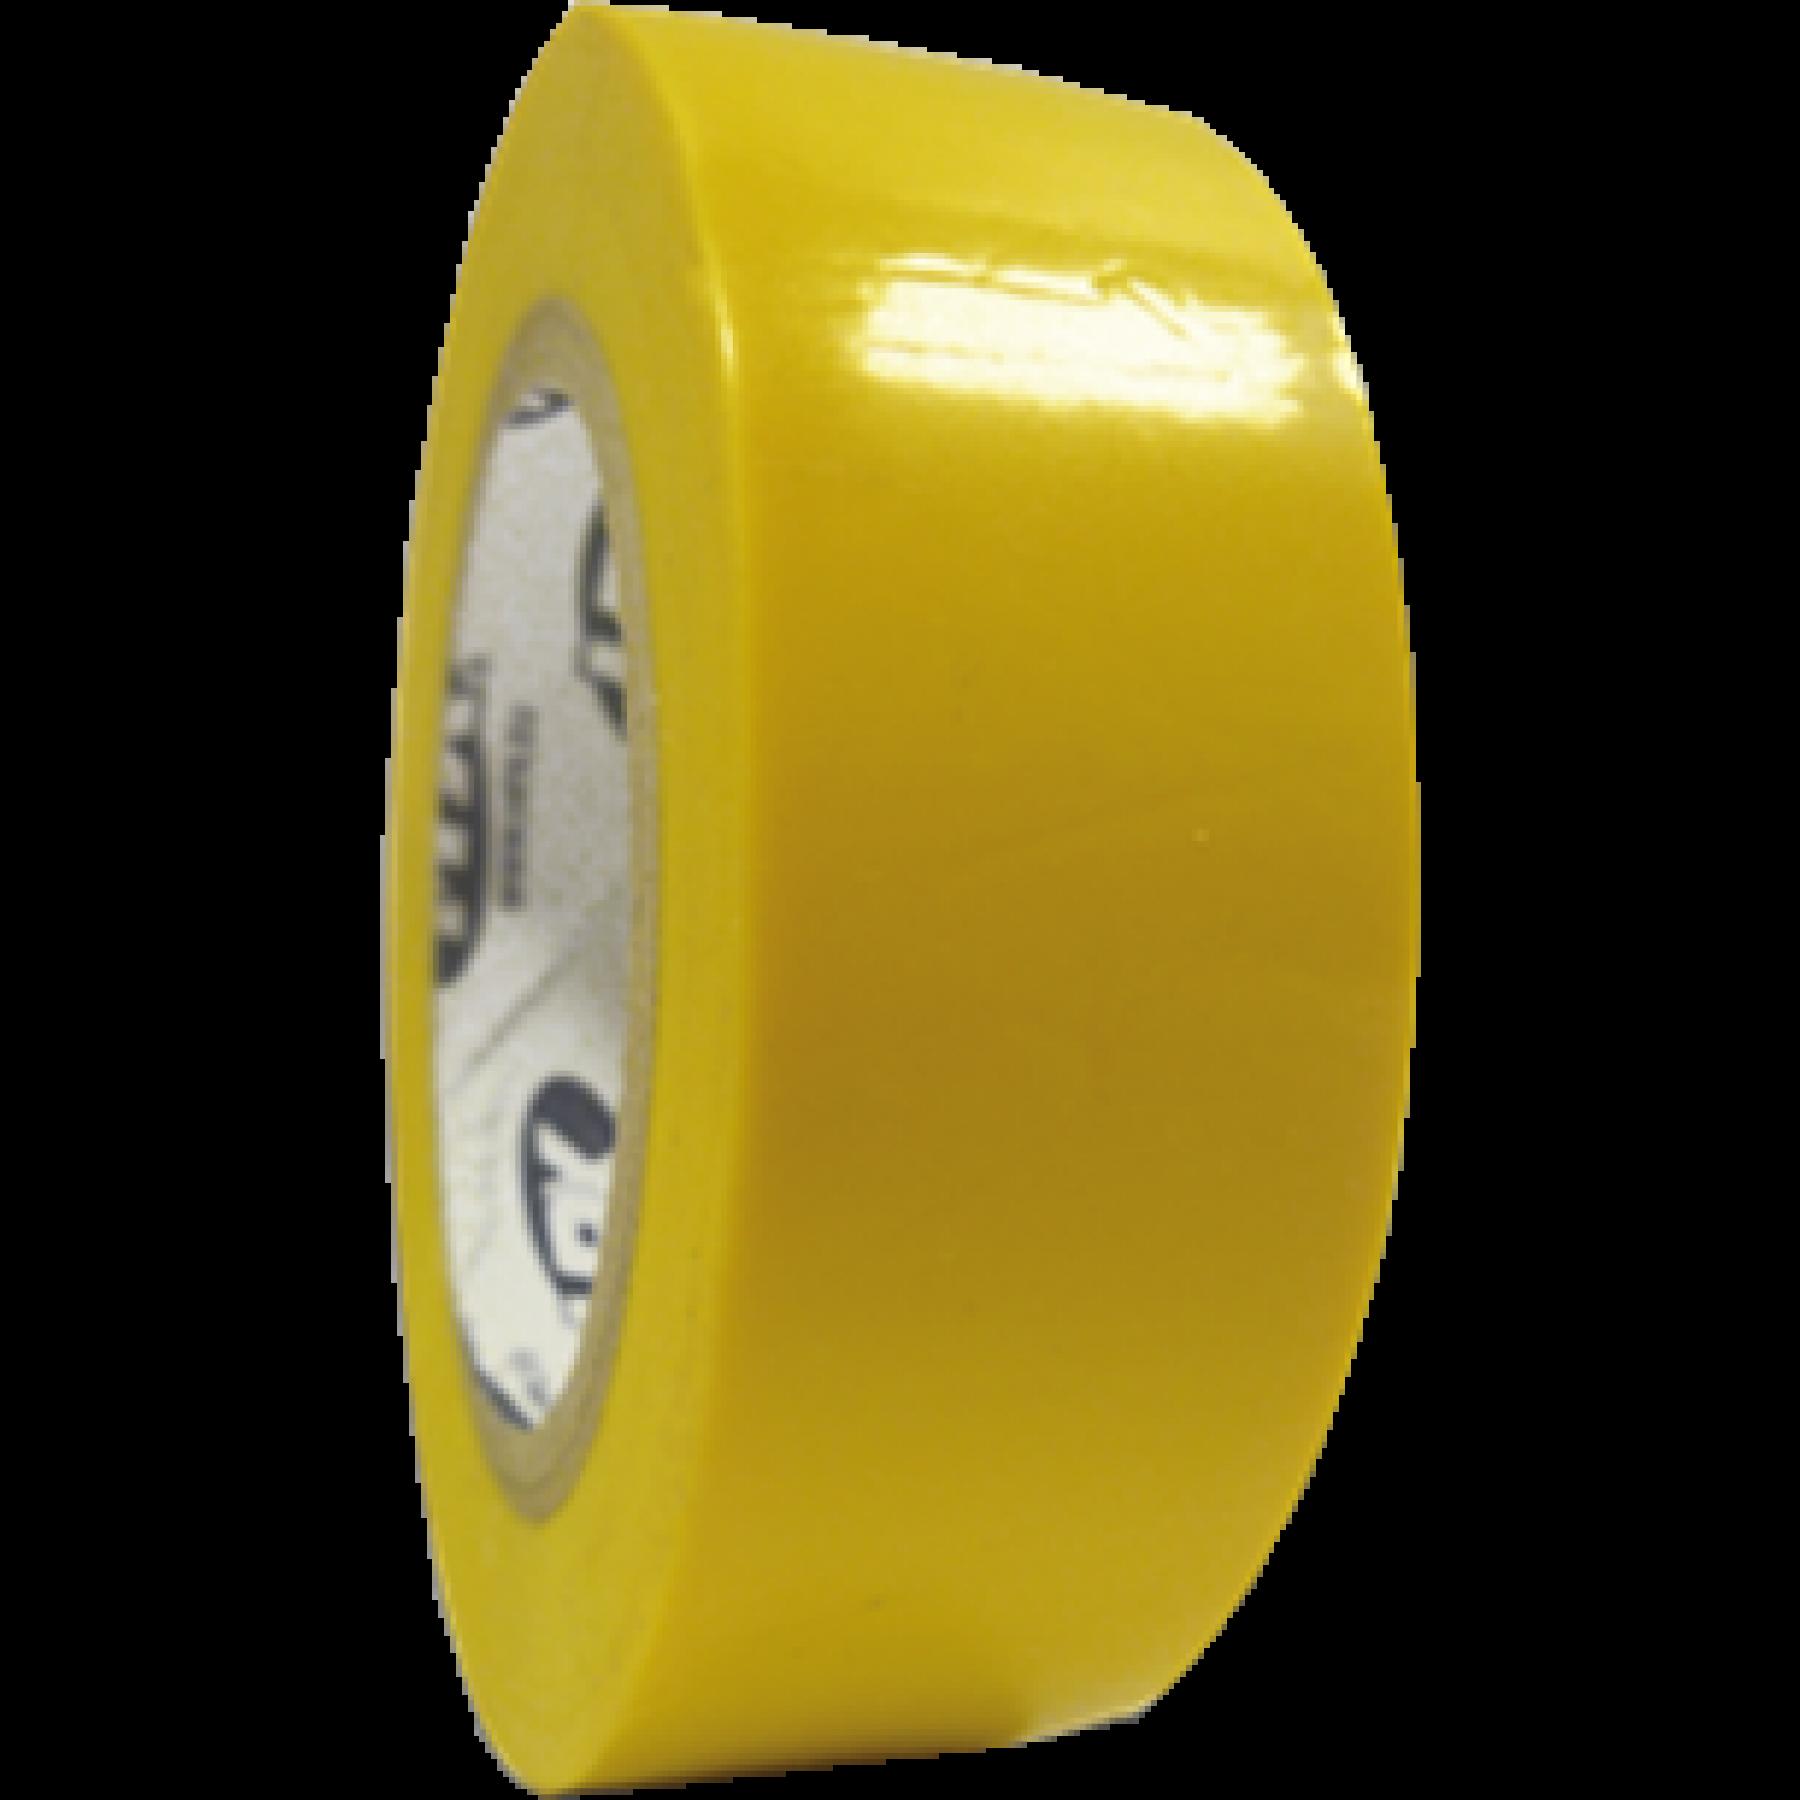 Isolatie tape geel